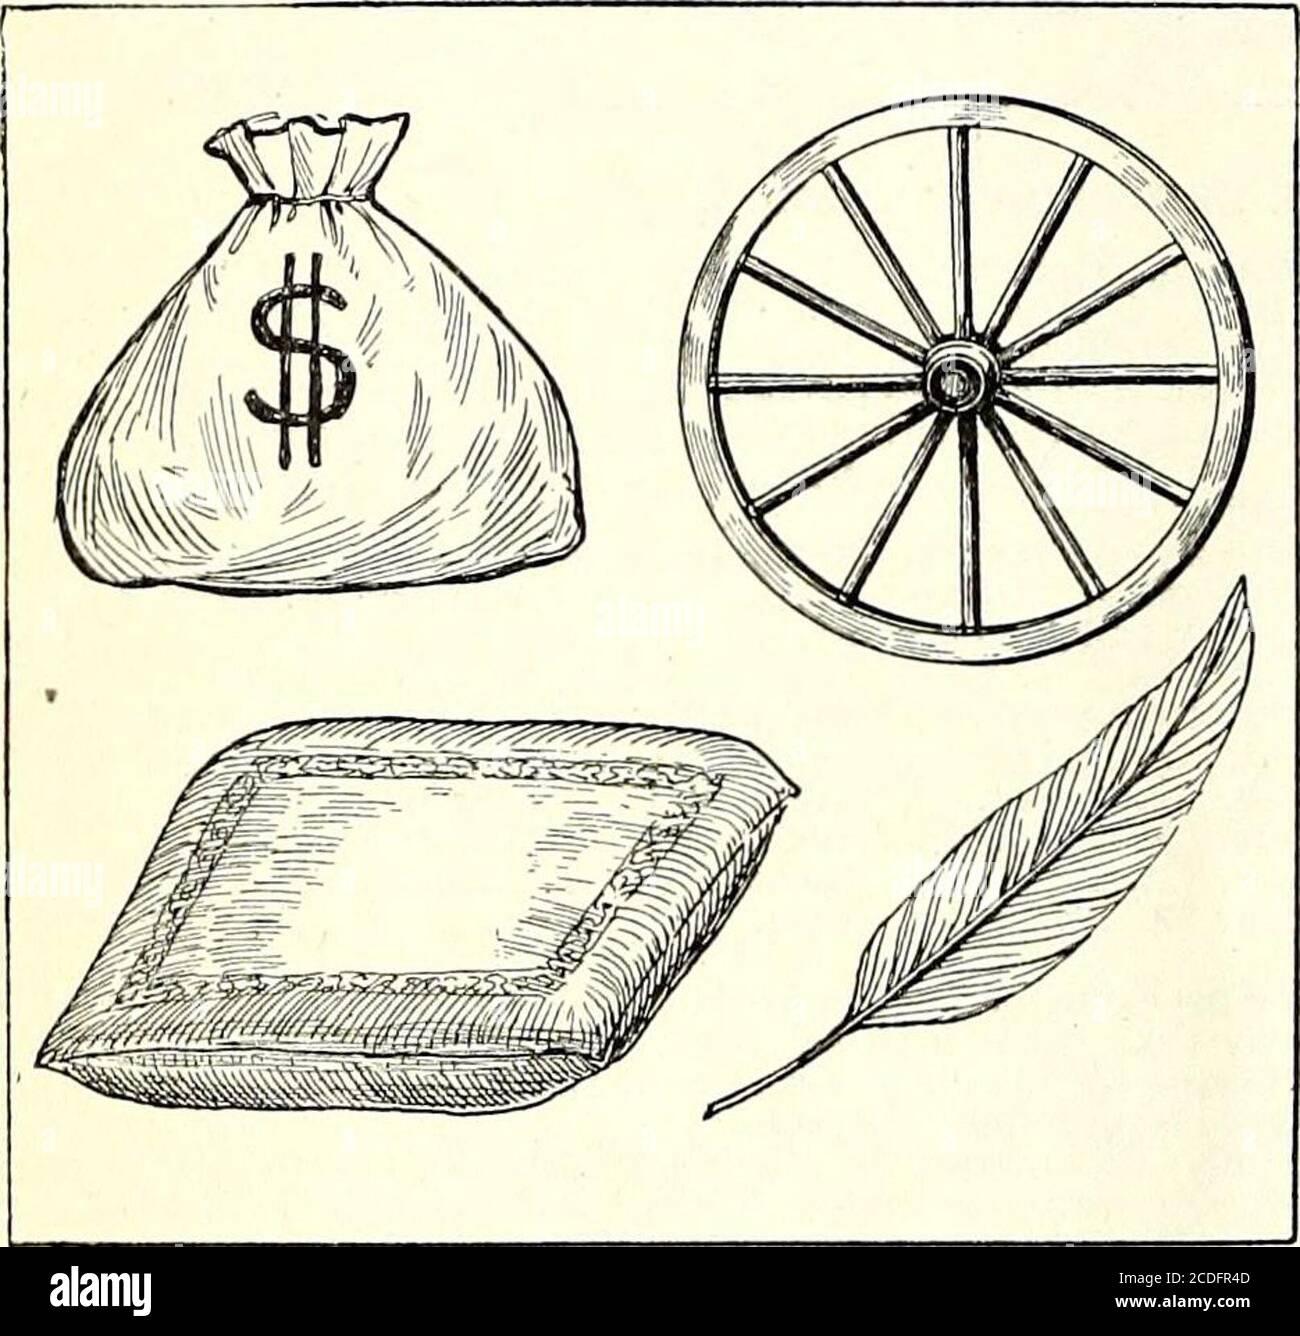 . St. Nicholas [série] . n arbre indien de l'est. Mon 5-16-34-24-37 est un criminel. Mon 9-23-4-43-7 est un disque rotatif. Mon 32-52-21-41-15était le poste officiel de Quentin Spodelts. PUZZLE KINGS MOVE (médaille d'argent, Concours de la Ligue St. Nicholas) 1 2 3 4 5 6 7 8 9 10 z Z R N 1 L H T L E 1 : 12 13 14 15 16 17 18 19 20 L 1 G L A N P 0 21 22 23 24 25 26 27 28 29 30 E A K E M H C E A 31 32 33 34 35 36 37 38 39 40 B A R N G 1 A D R L 41 42 43 44 45 46 47 48 49 50 L E H 0 A R P 0 S E 5I 52 53 54 55 56 57 58 59 60 Y A L W 0 P 0 R C 0 61 62 63 64 65 66 67 68 69 70 X N 0 N L U P E 1 N 71 72 73 74 75 76 77 78 Banque D'Images